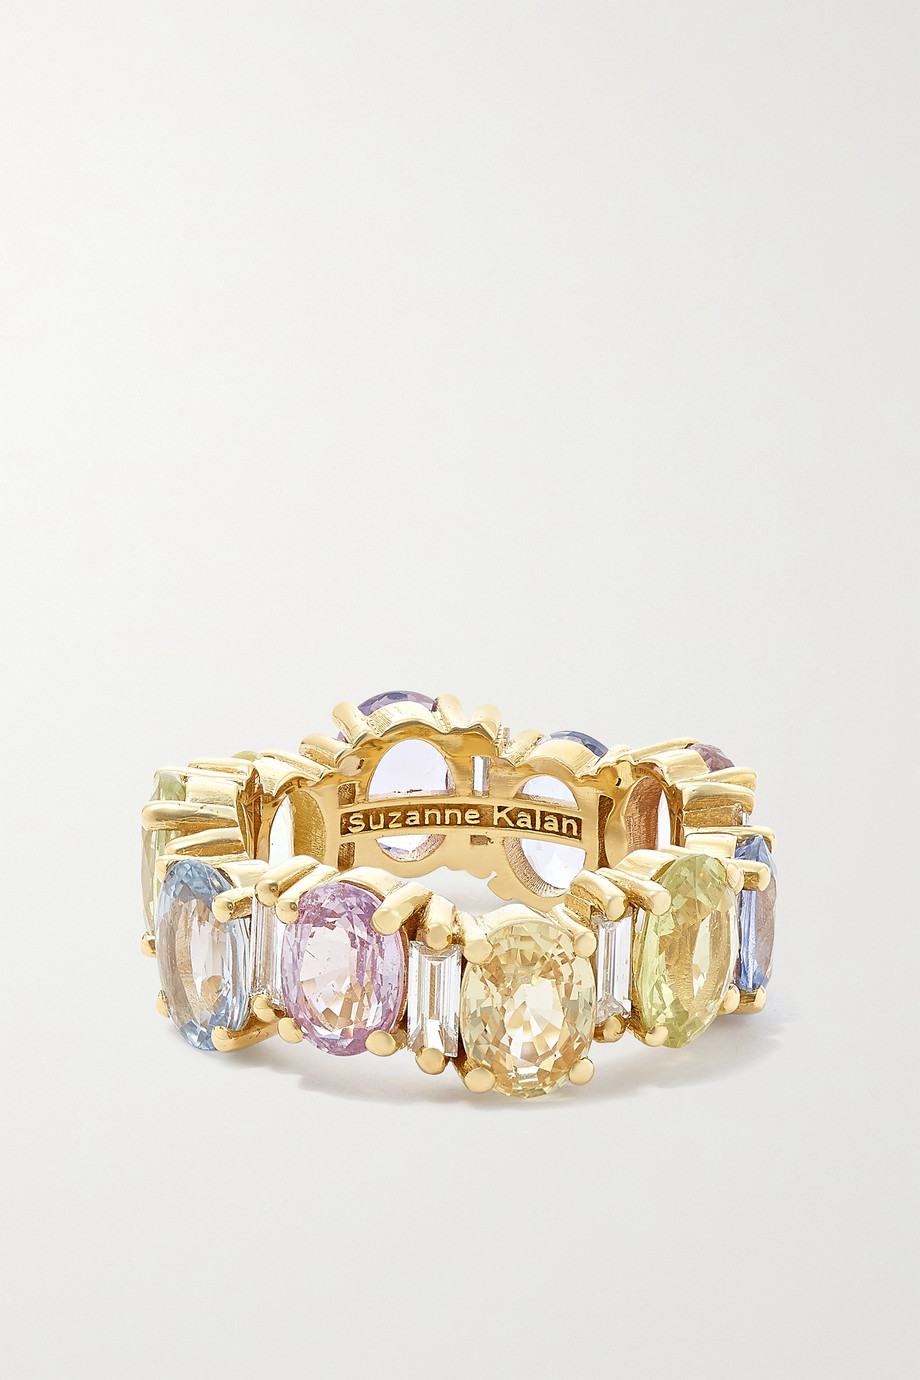 Suzanne Kalan Eternity Ring aus 18 Karat Gold mit Saphiren und Diamanten